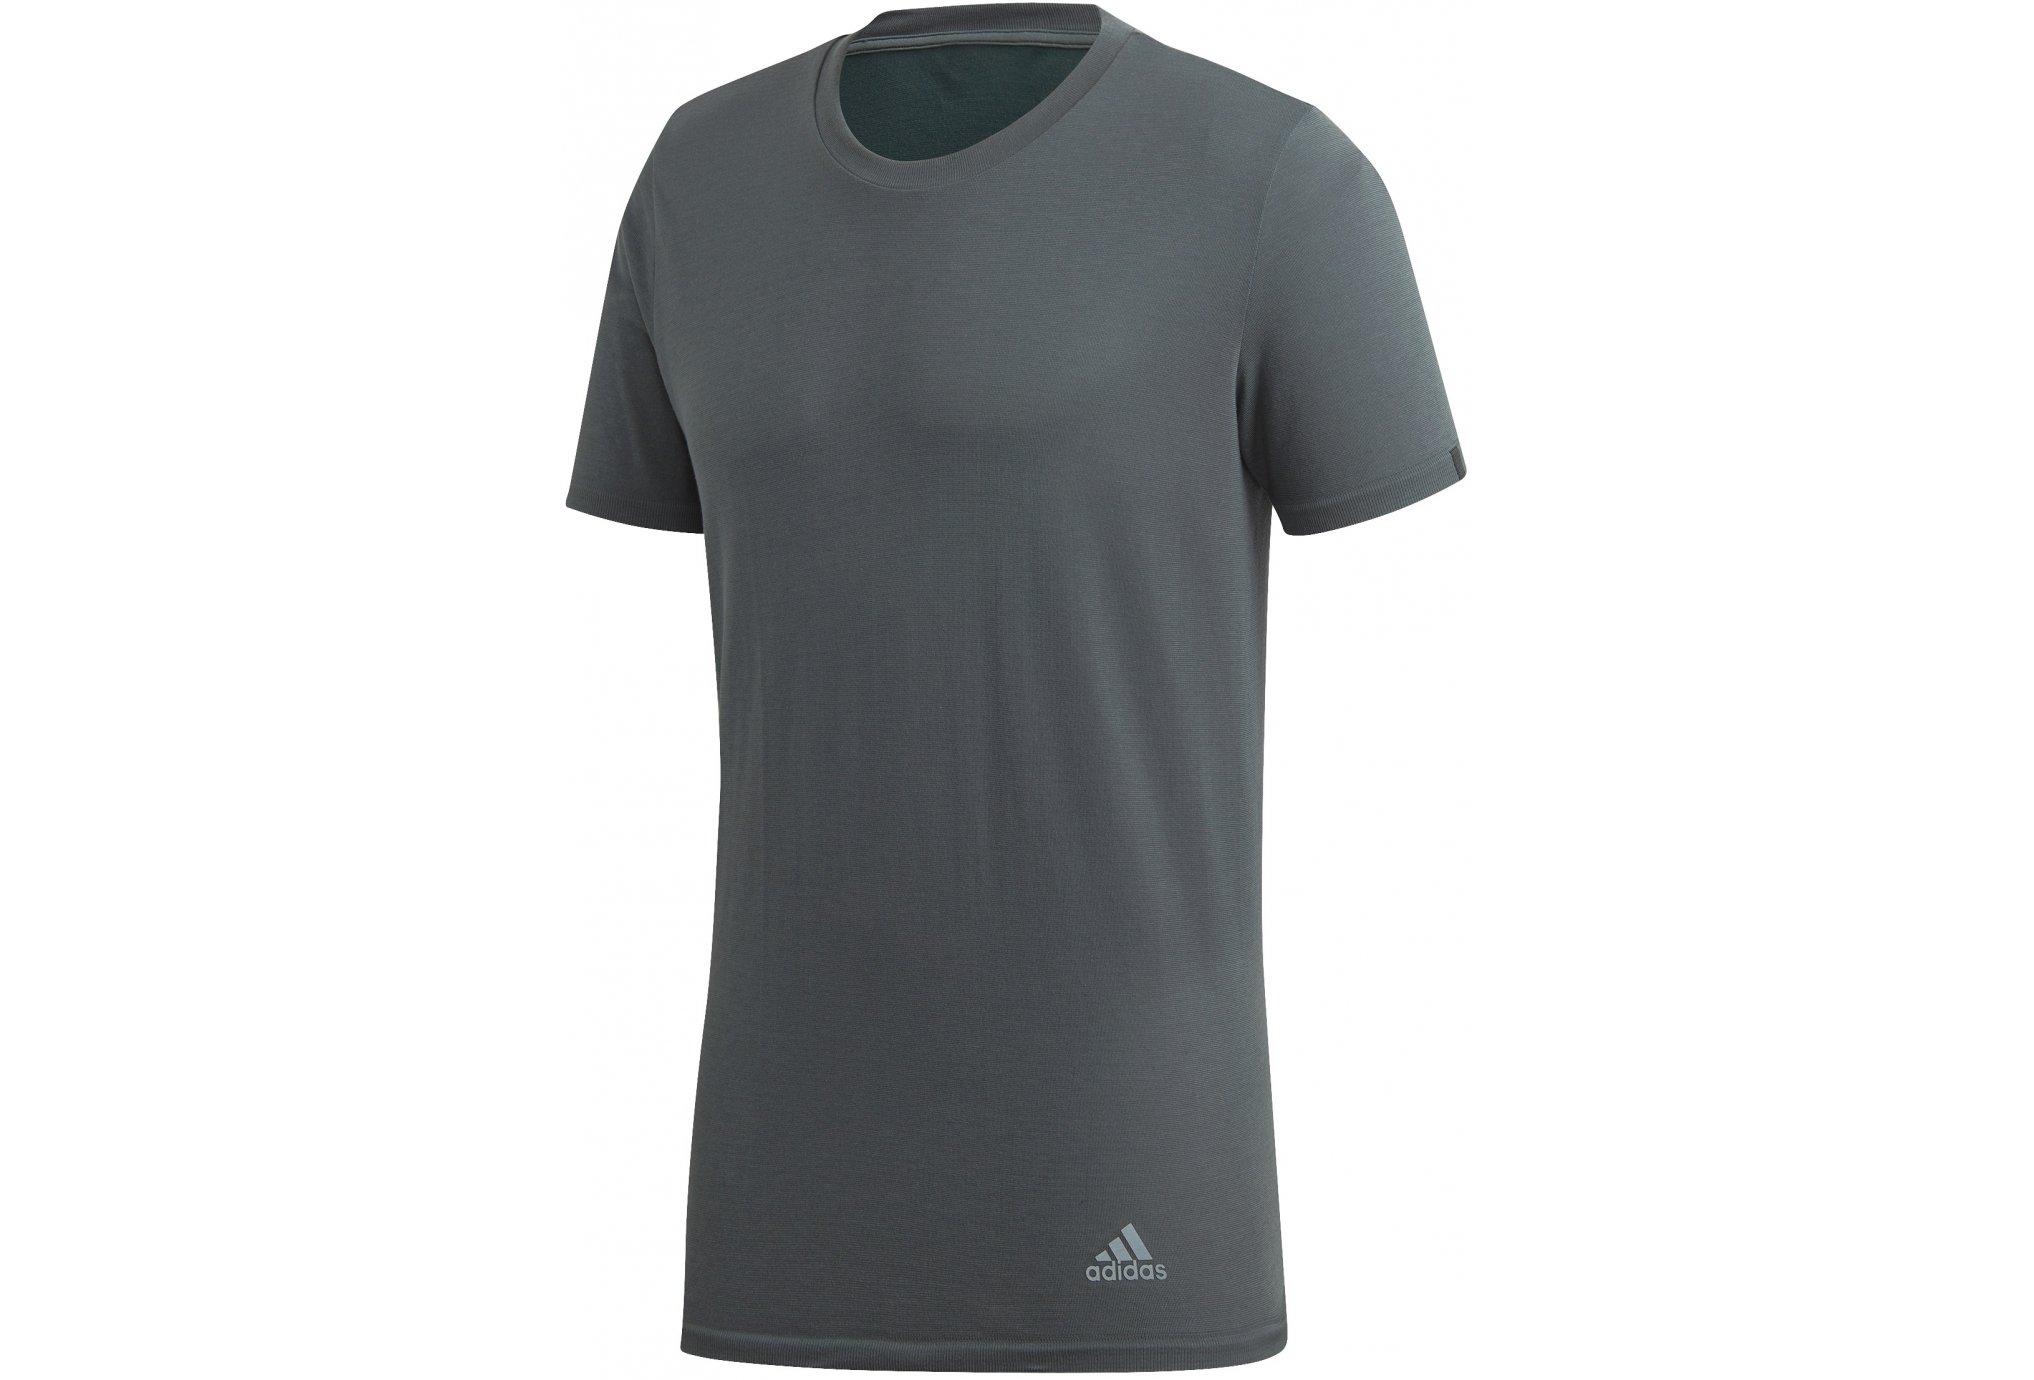 Adidas 25/7 m vêtement running homme